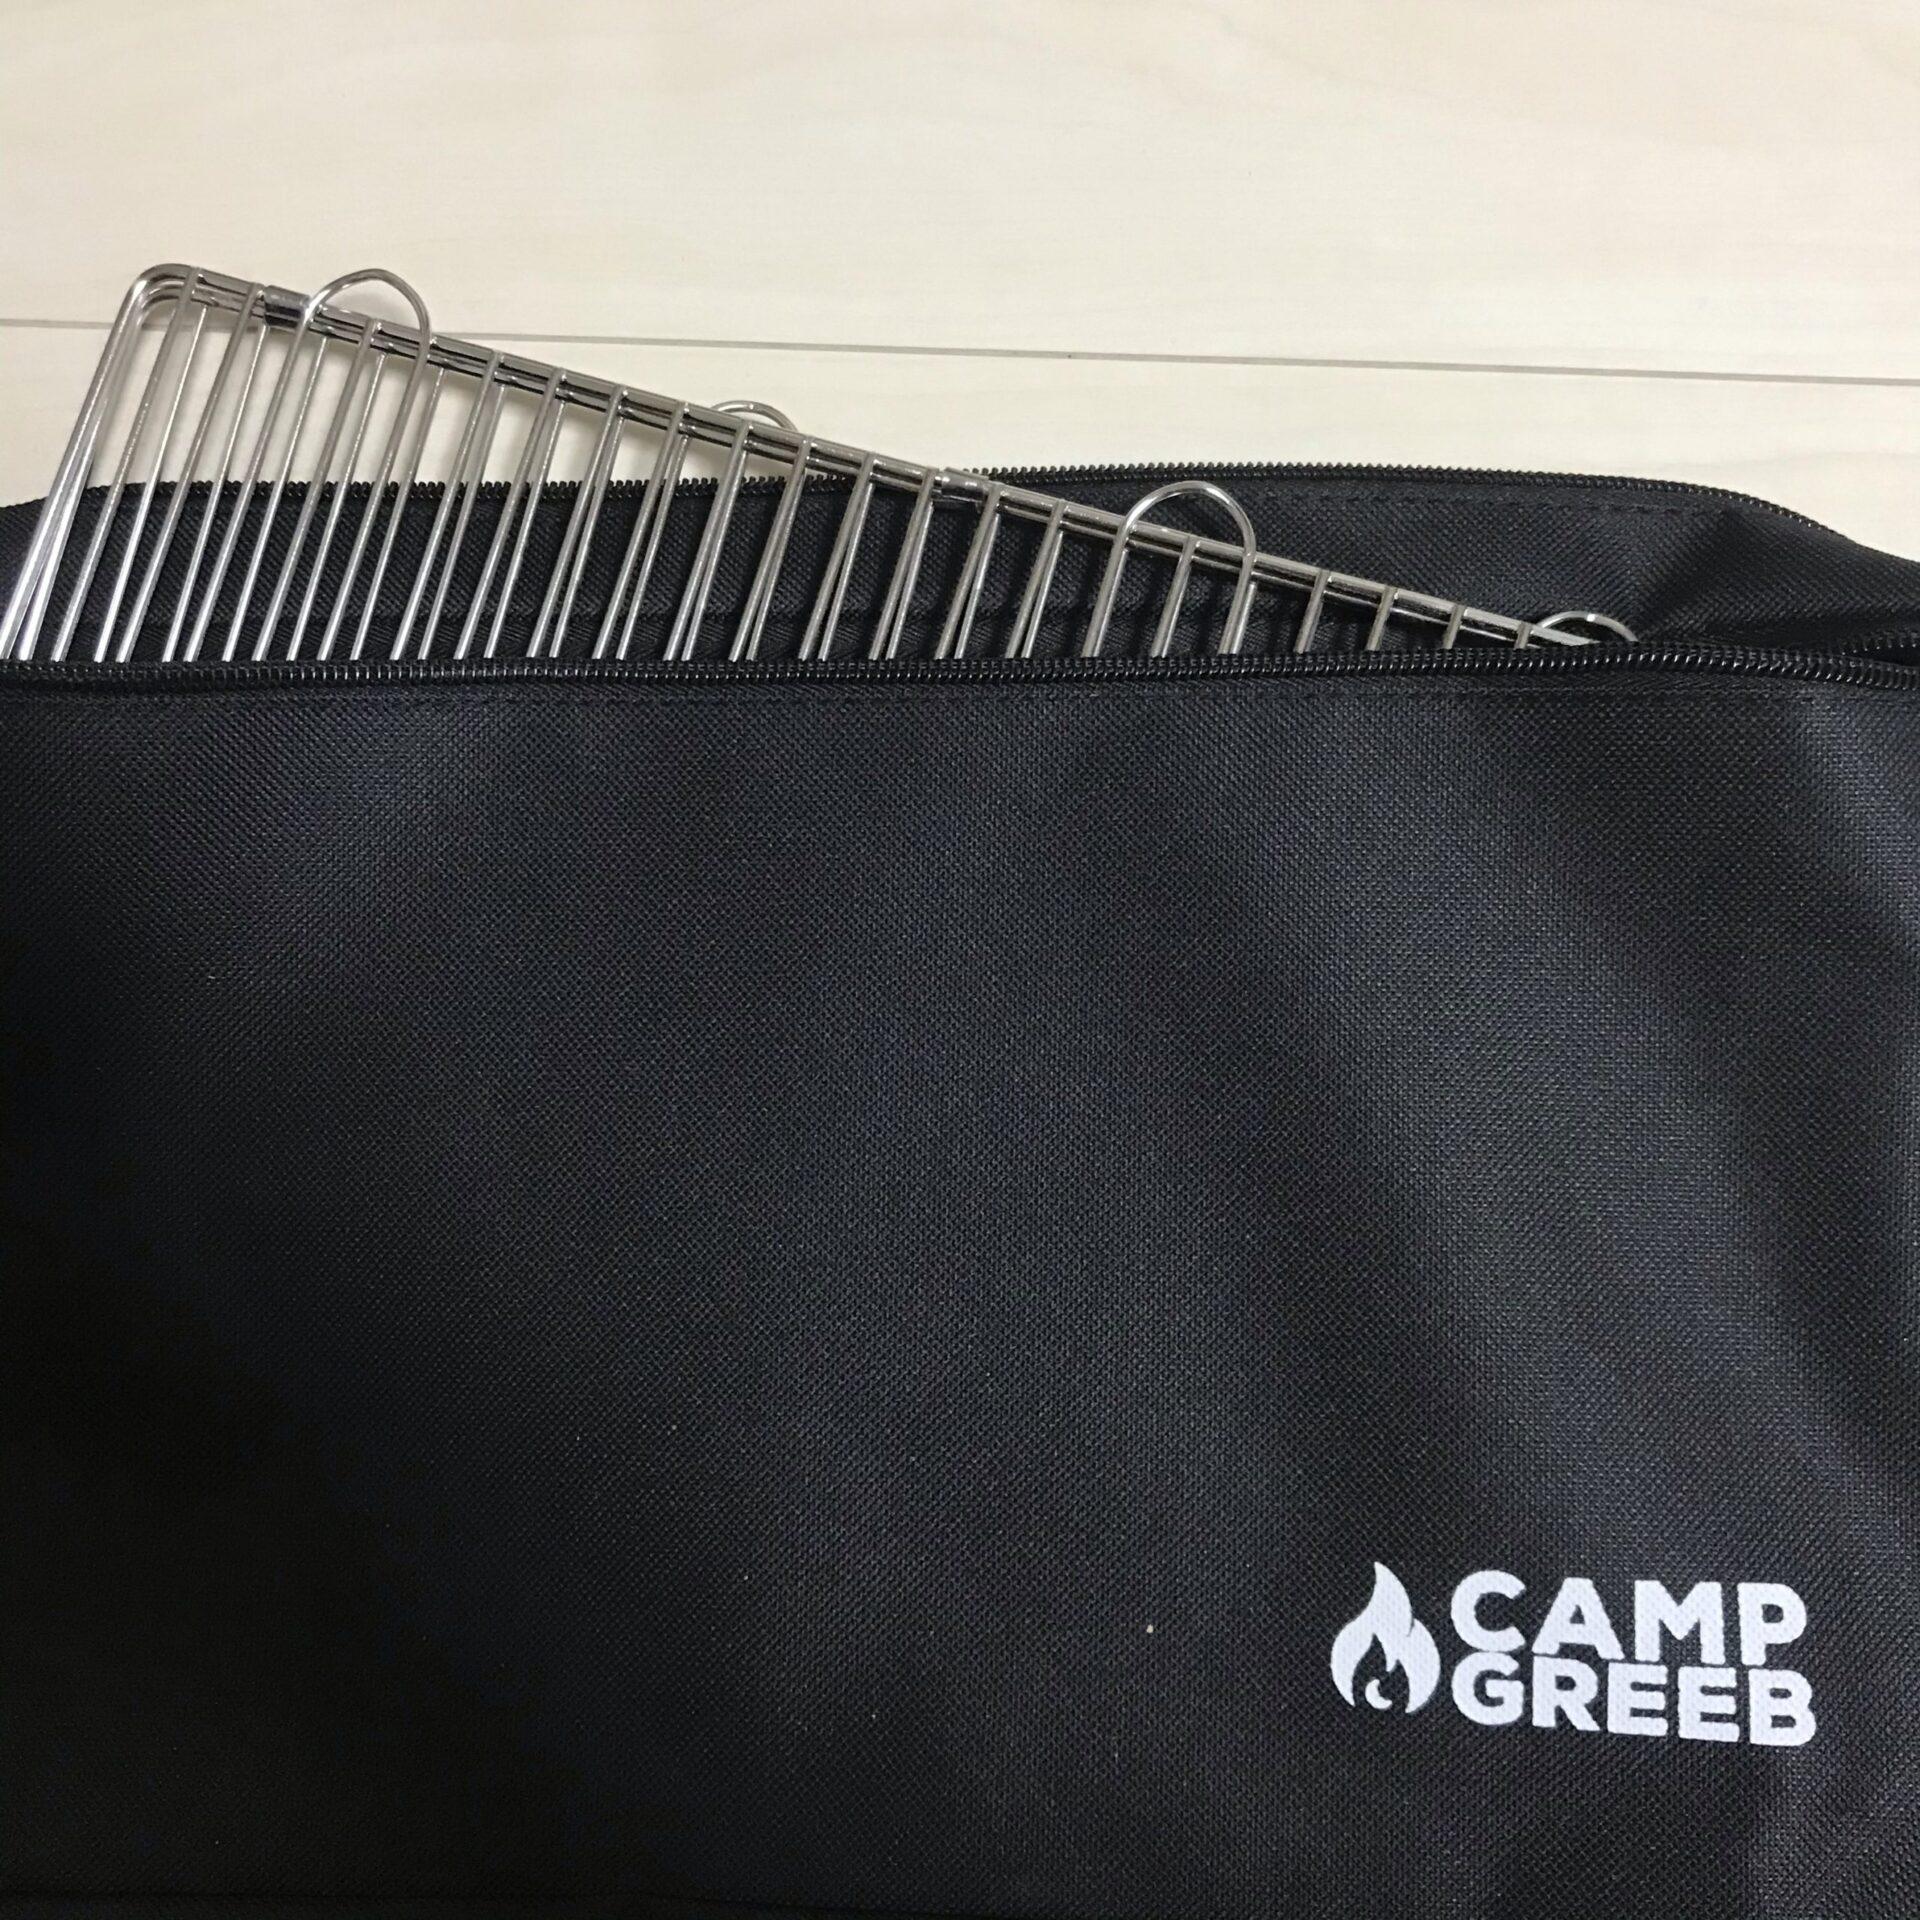 キャンプグリーブの焚き火台に付属する収納袋にはポケットがついている